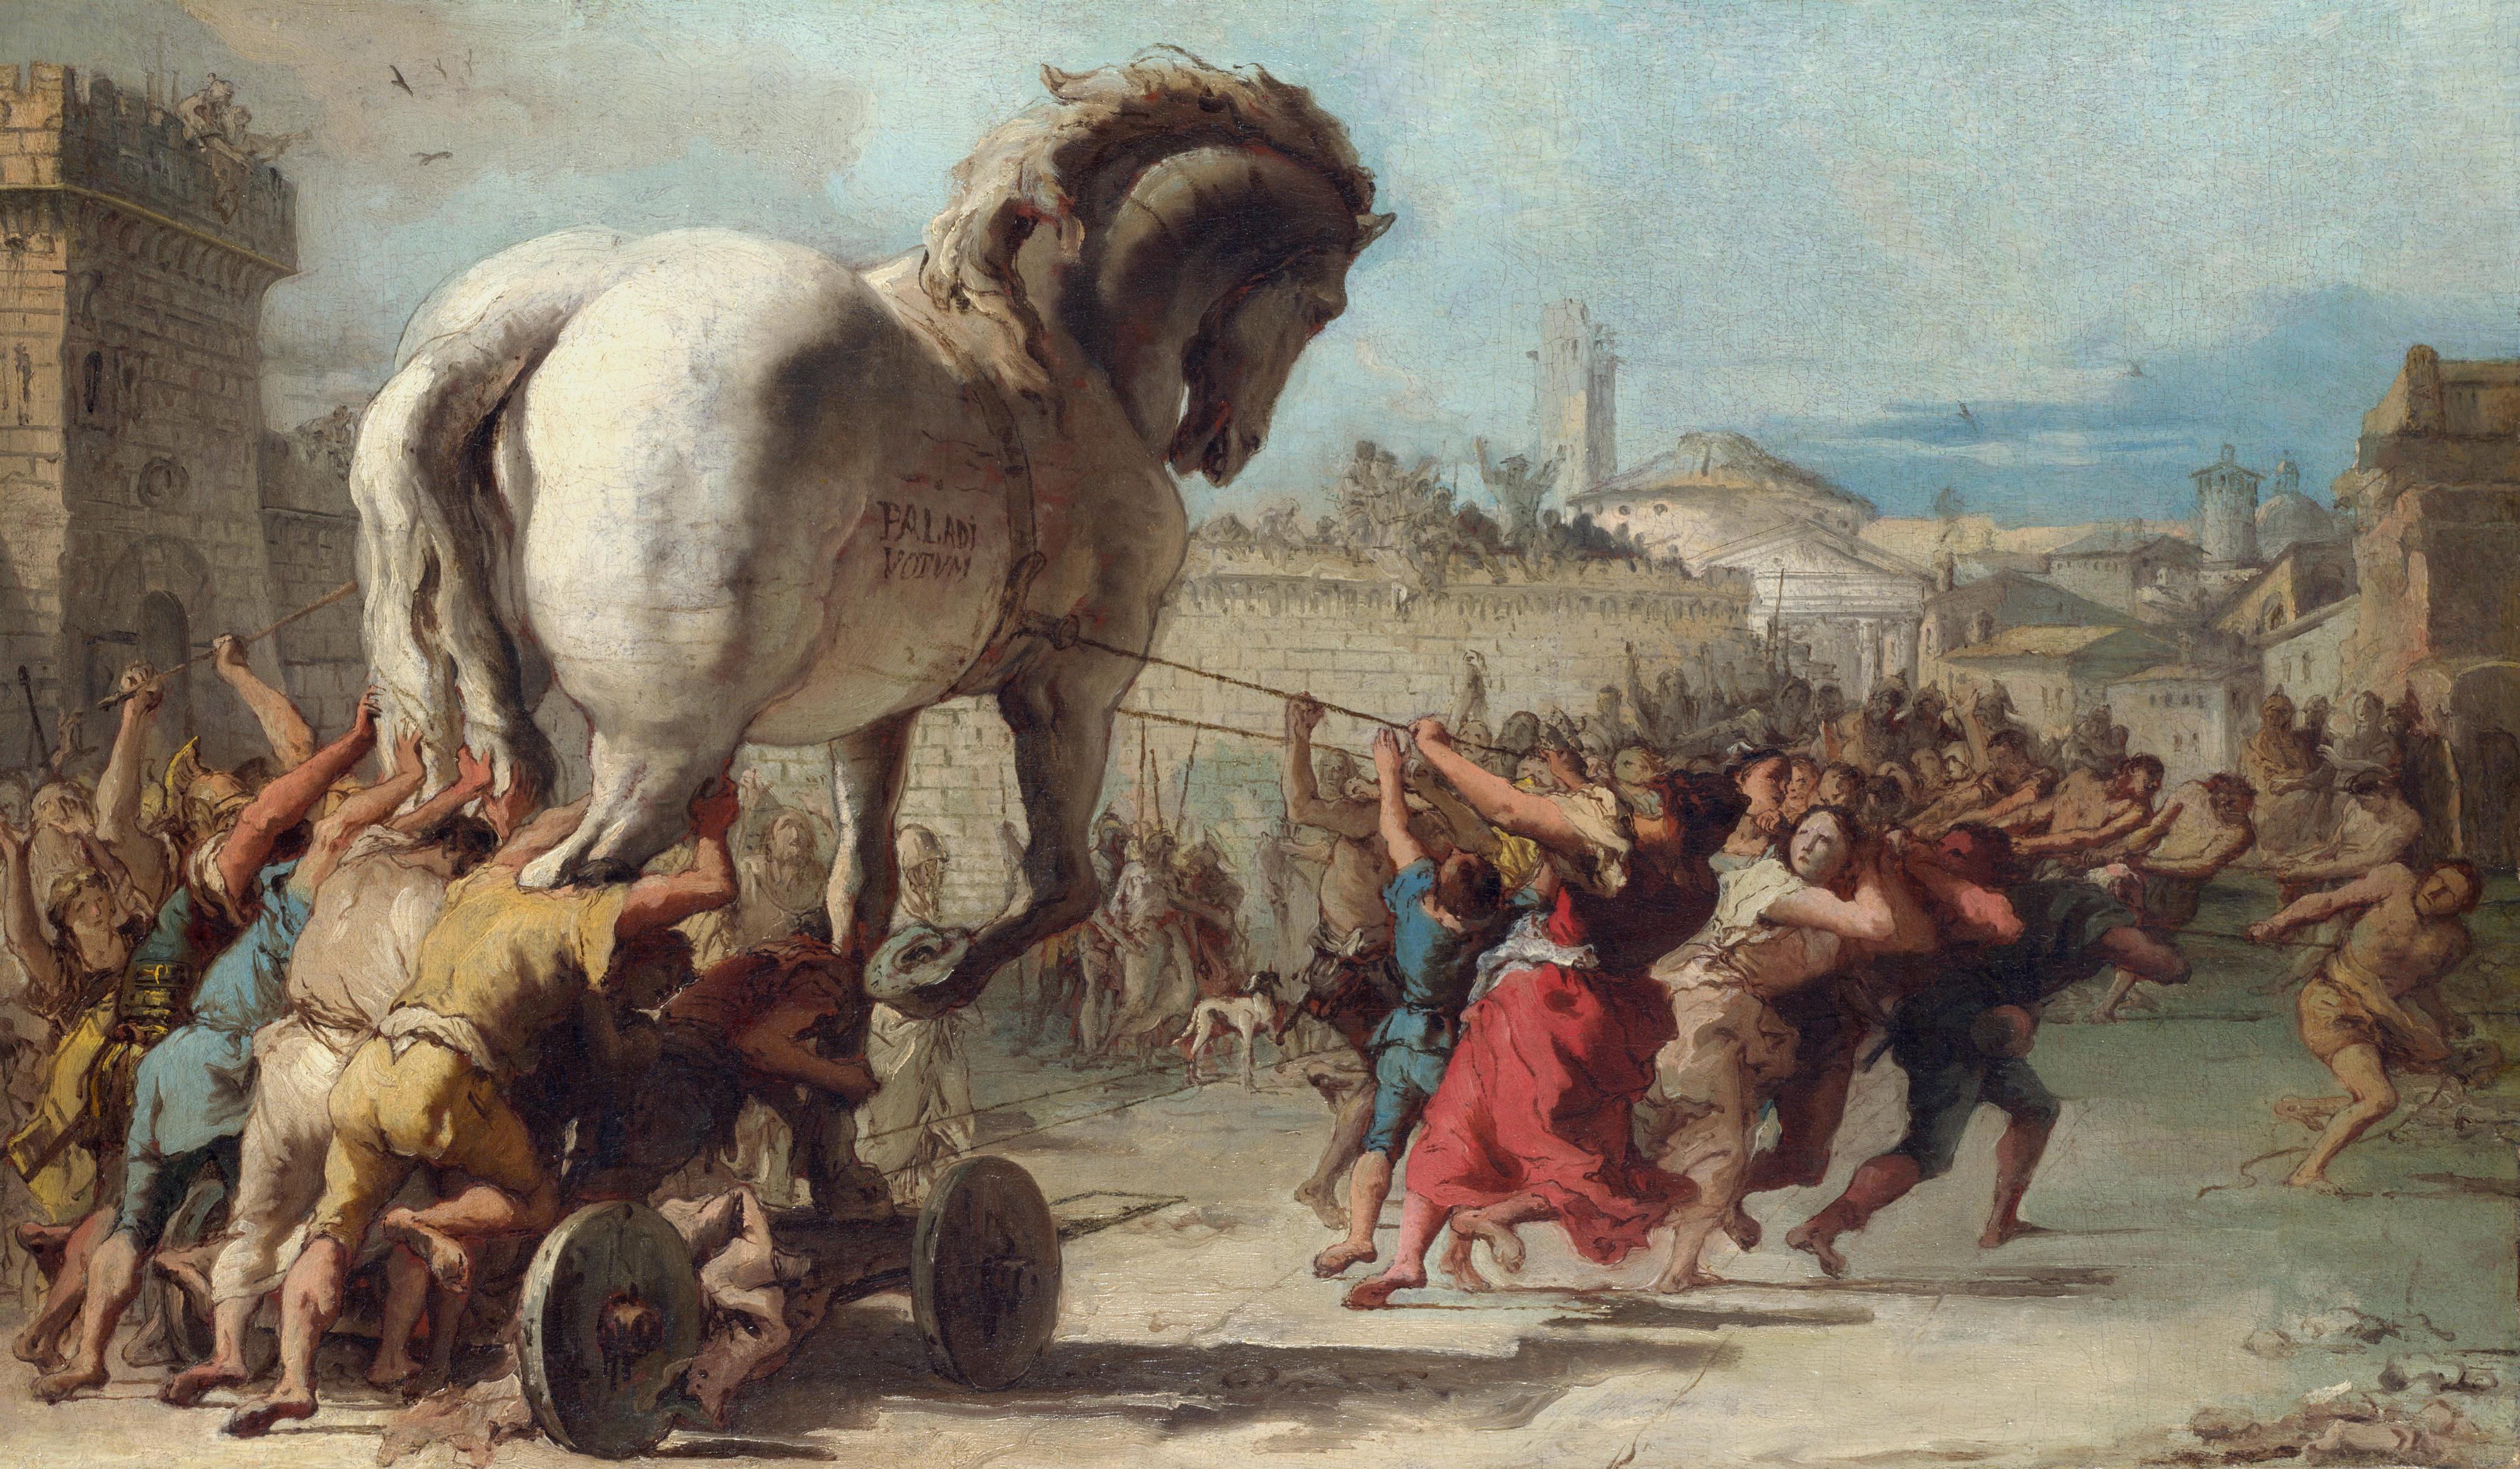 Обои Шествие Троянского коня, картина, Джованни Доменико Тьеполо, Giandomenico Tiepolo